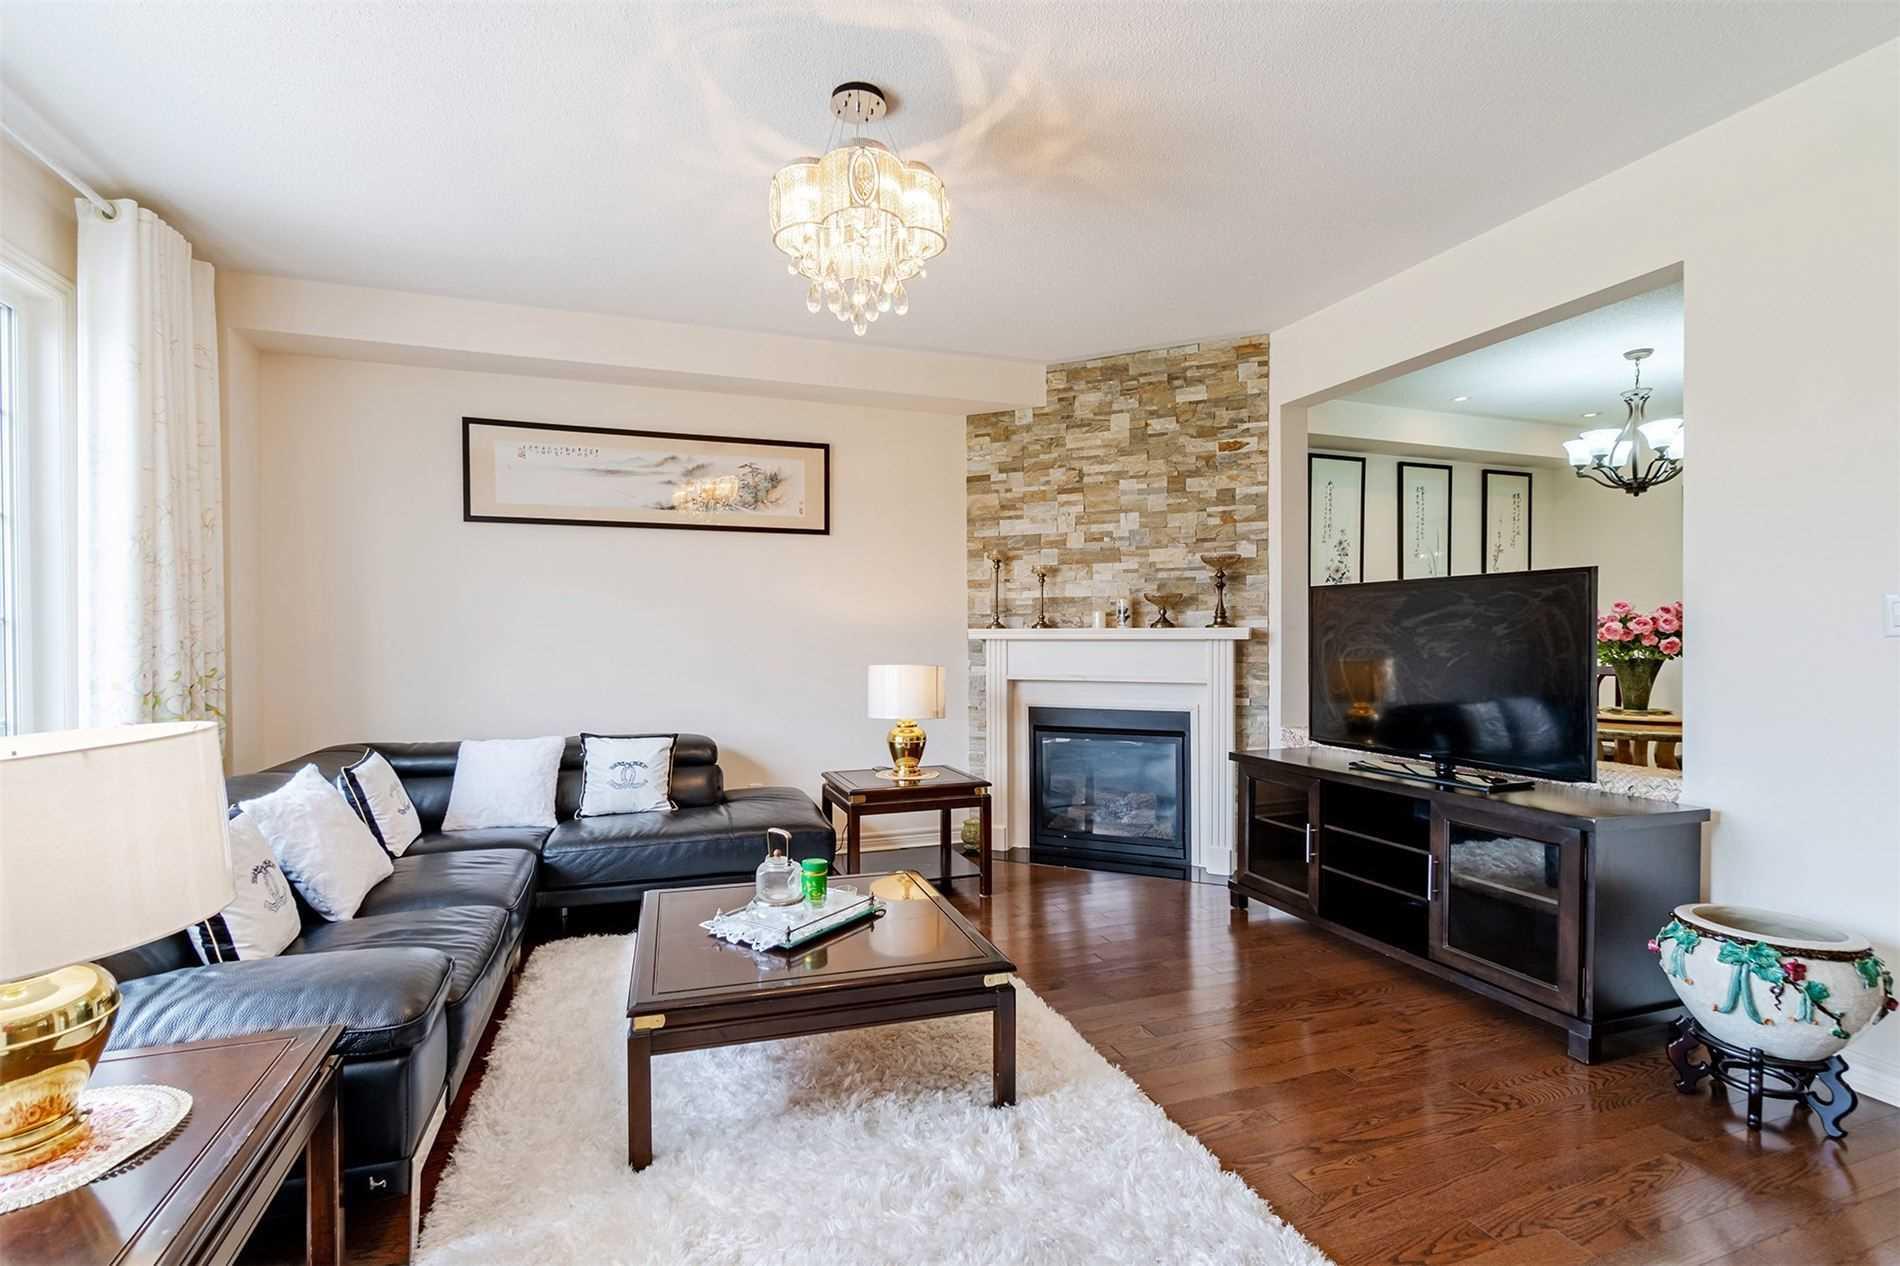 865 Stoutt Cres - Coates Detached for sale, 4 Bedrooms (W5399927) - #12